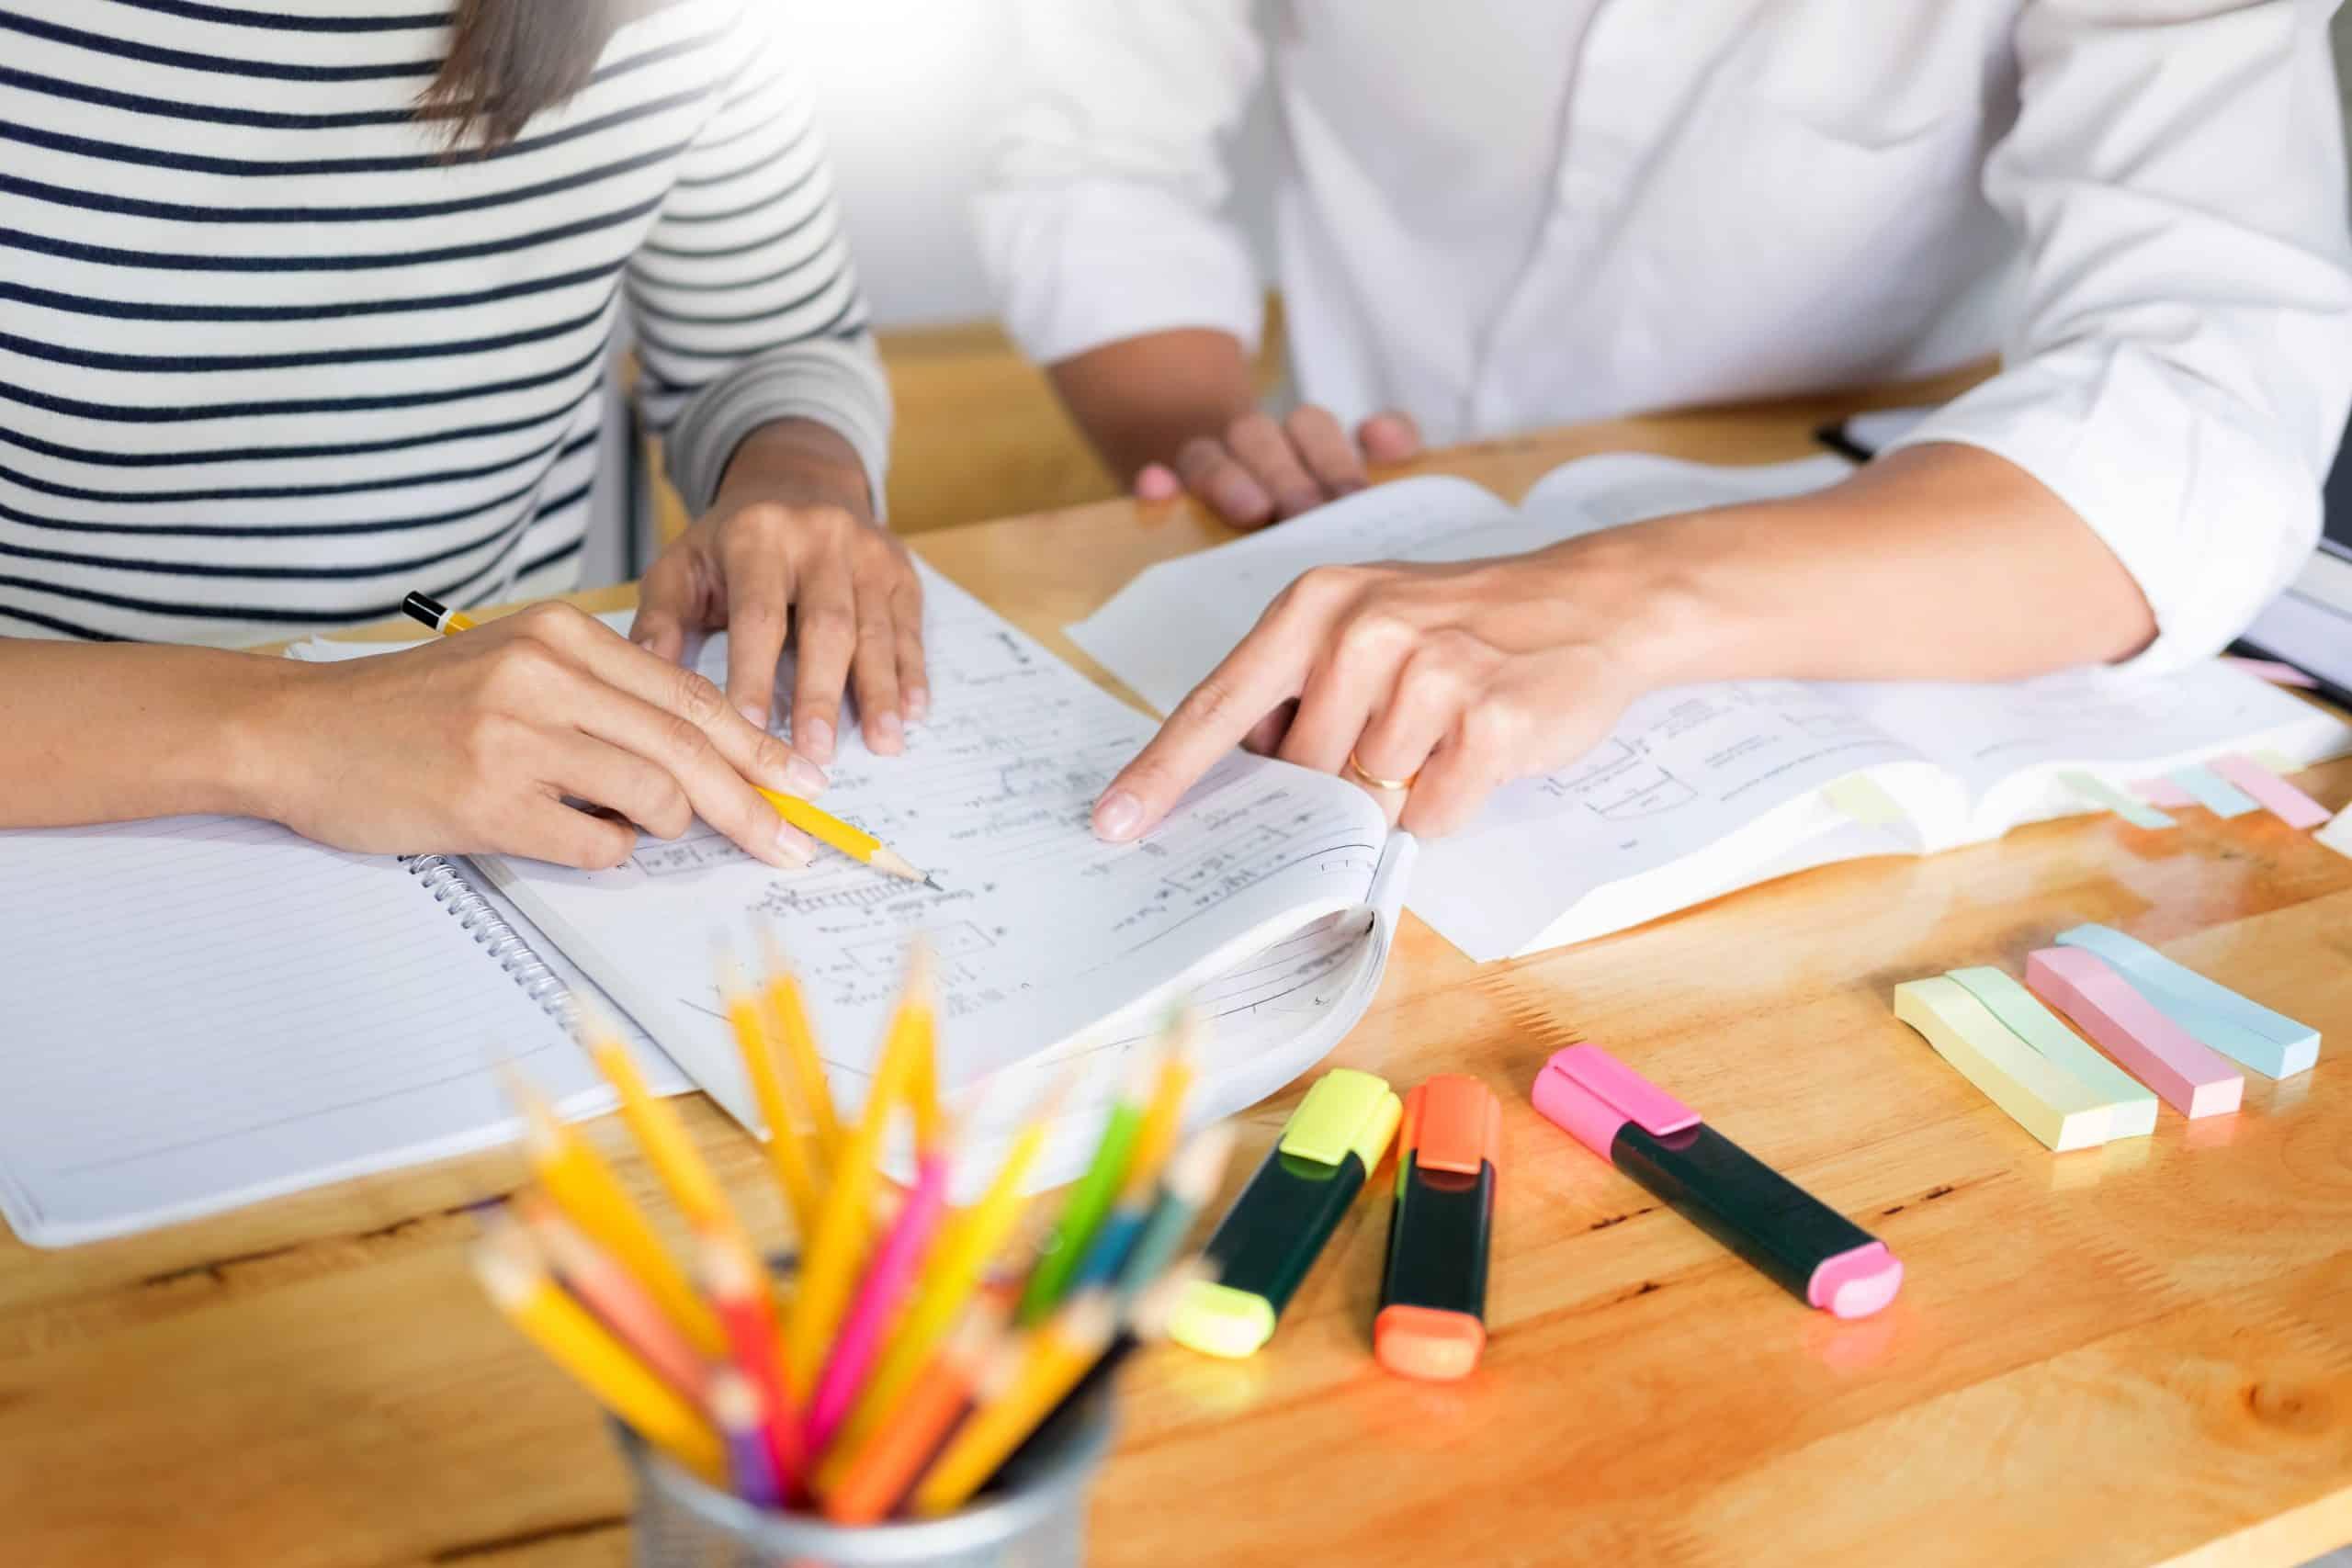 Comment organiser une leçon privée de soutien scolaire efficace ?